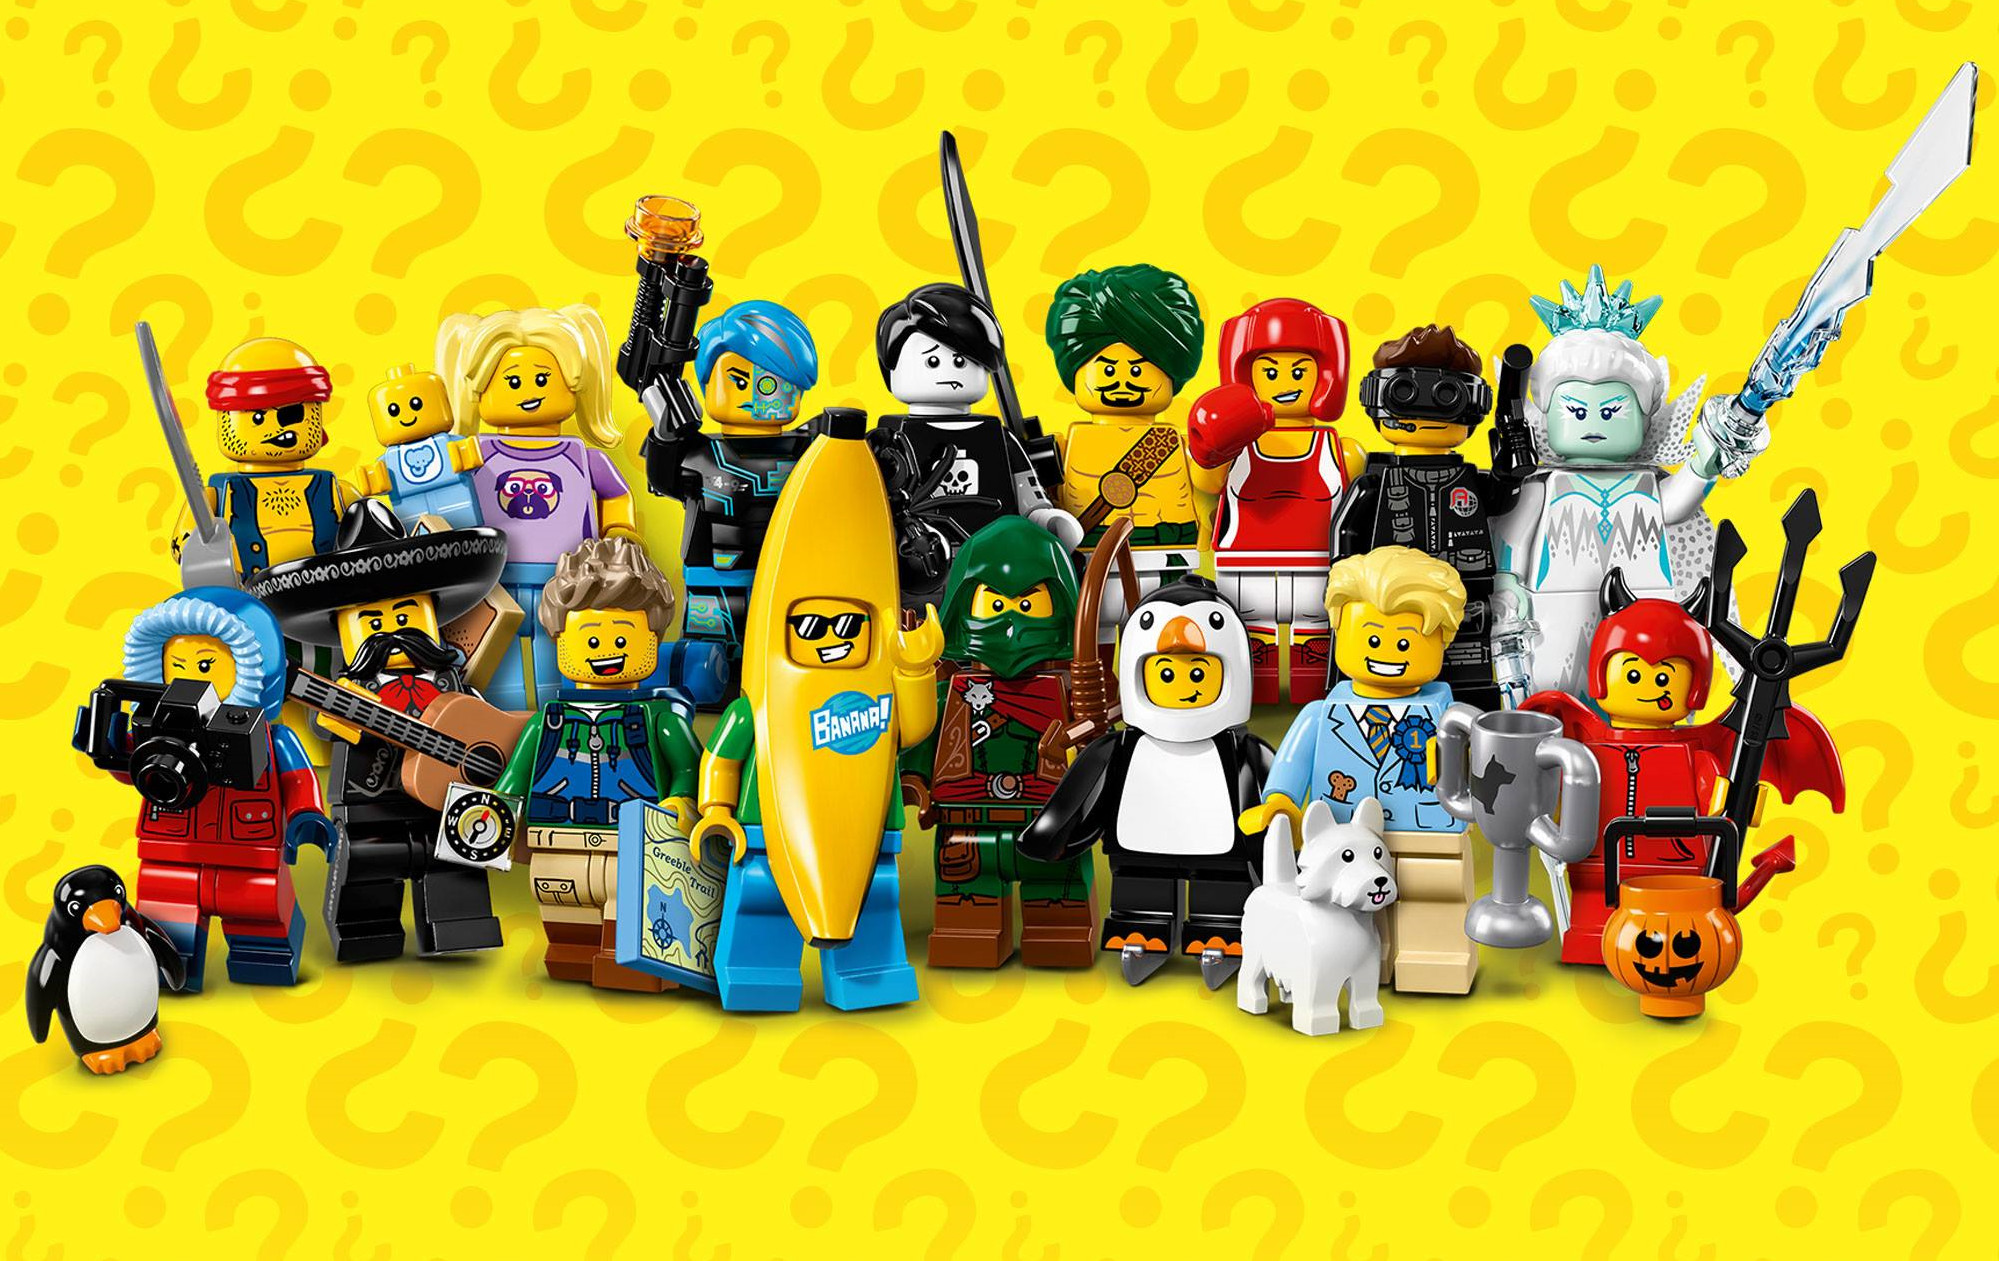 1080x1920 Hd Wallpaper Portrait Lego Blocks Wallpaper 64 Images